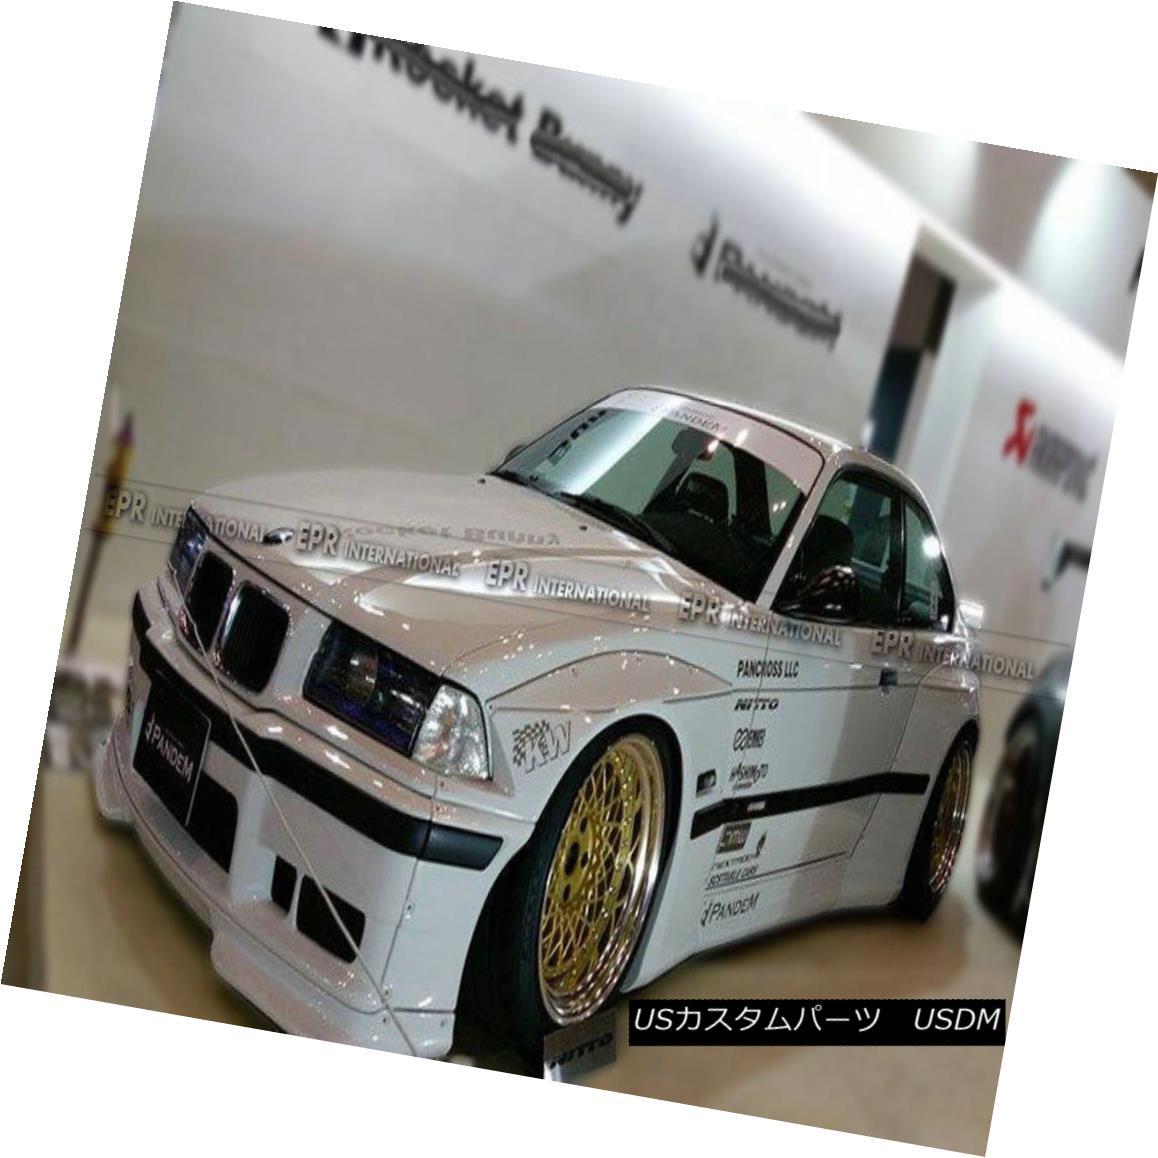 大勧め エアロパーツ ABC Front Bumper Bottom BMW エアロパーツ Lip Splitter For Glass BMW E36 RocktBuny Style FRP Fiber Glass BMW E36 RocktBunyスタイルFRPファイバーグラス用ABCフロントバンパーボトムリップスプリッター, ゴウツシ:9e41626d --- kventurepartners.sakura.ne.jp